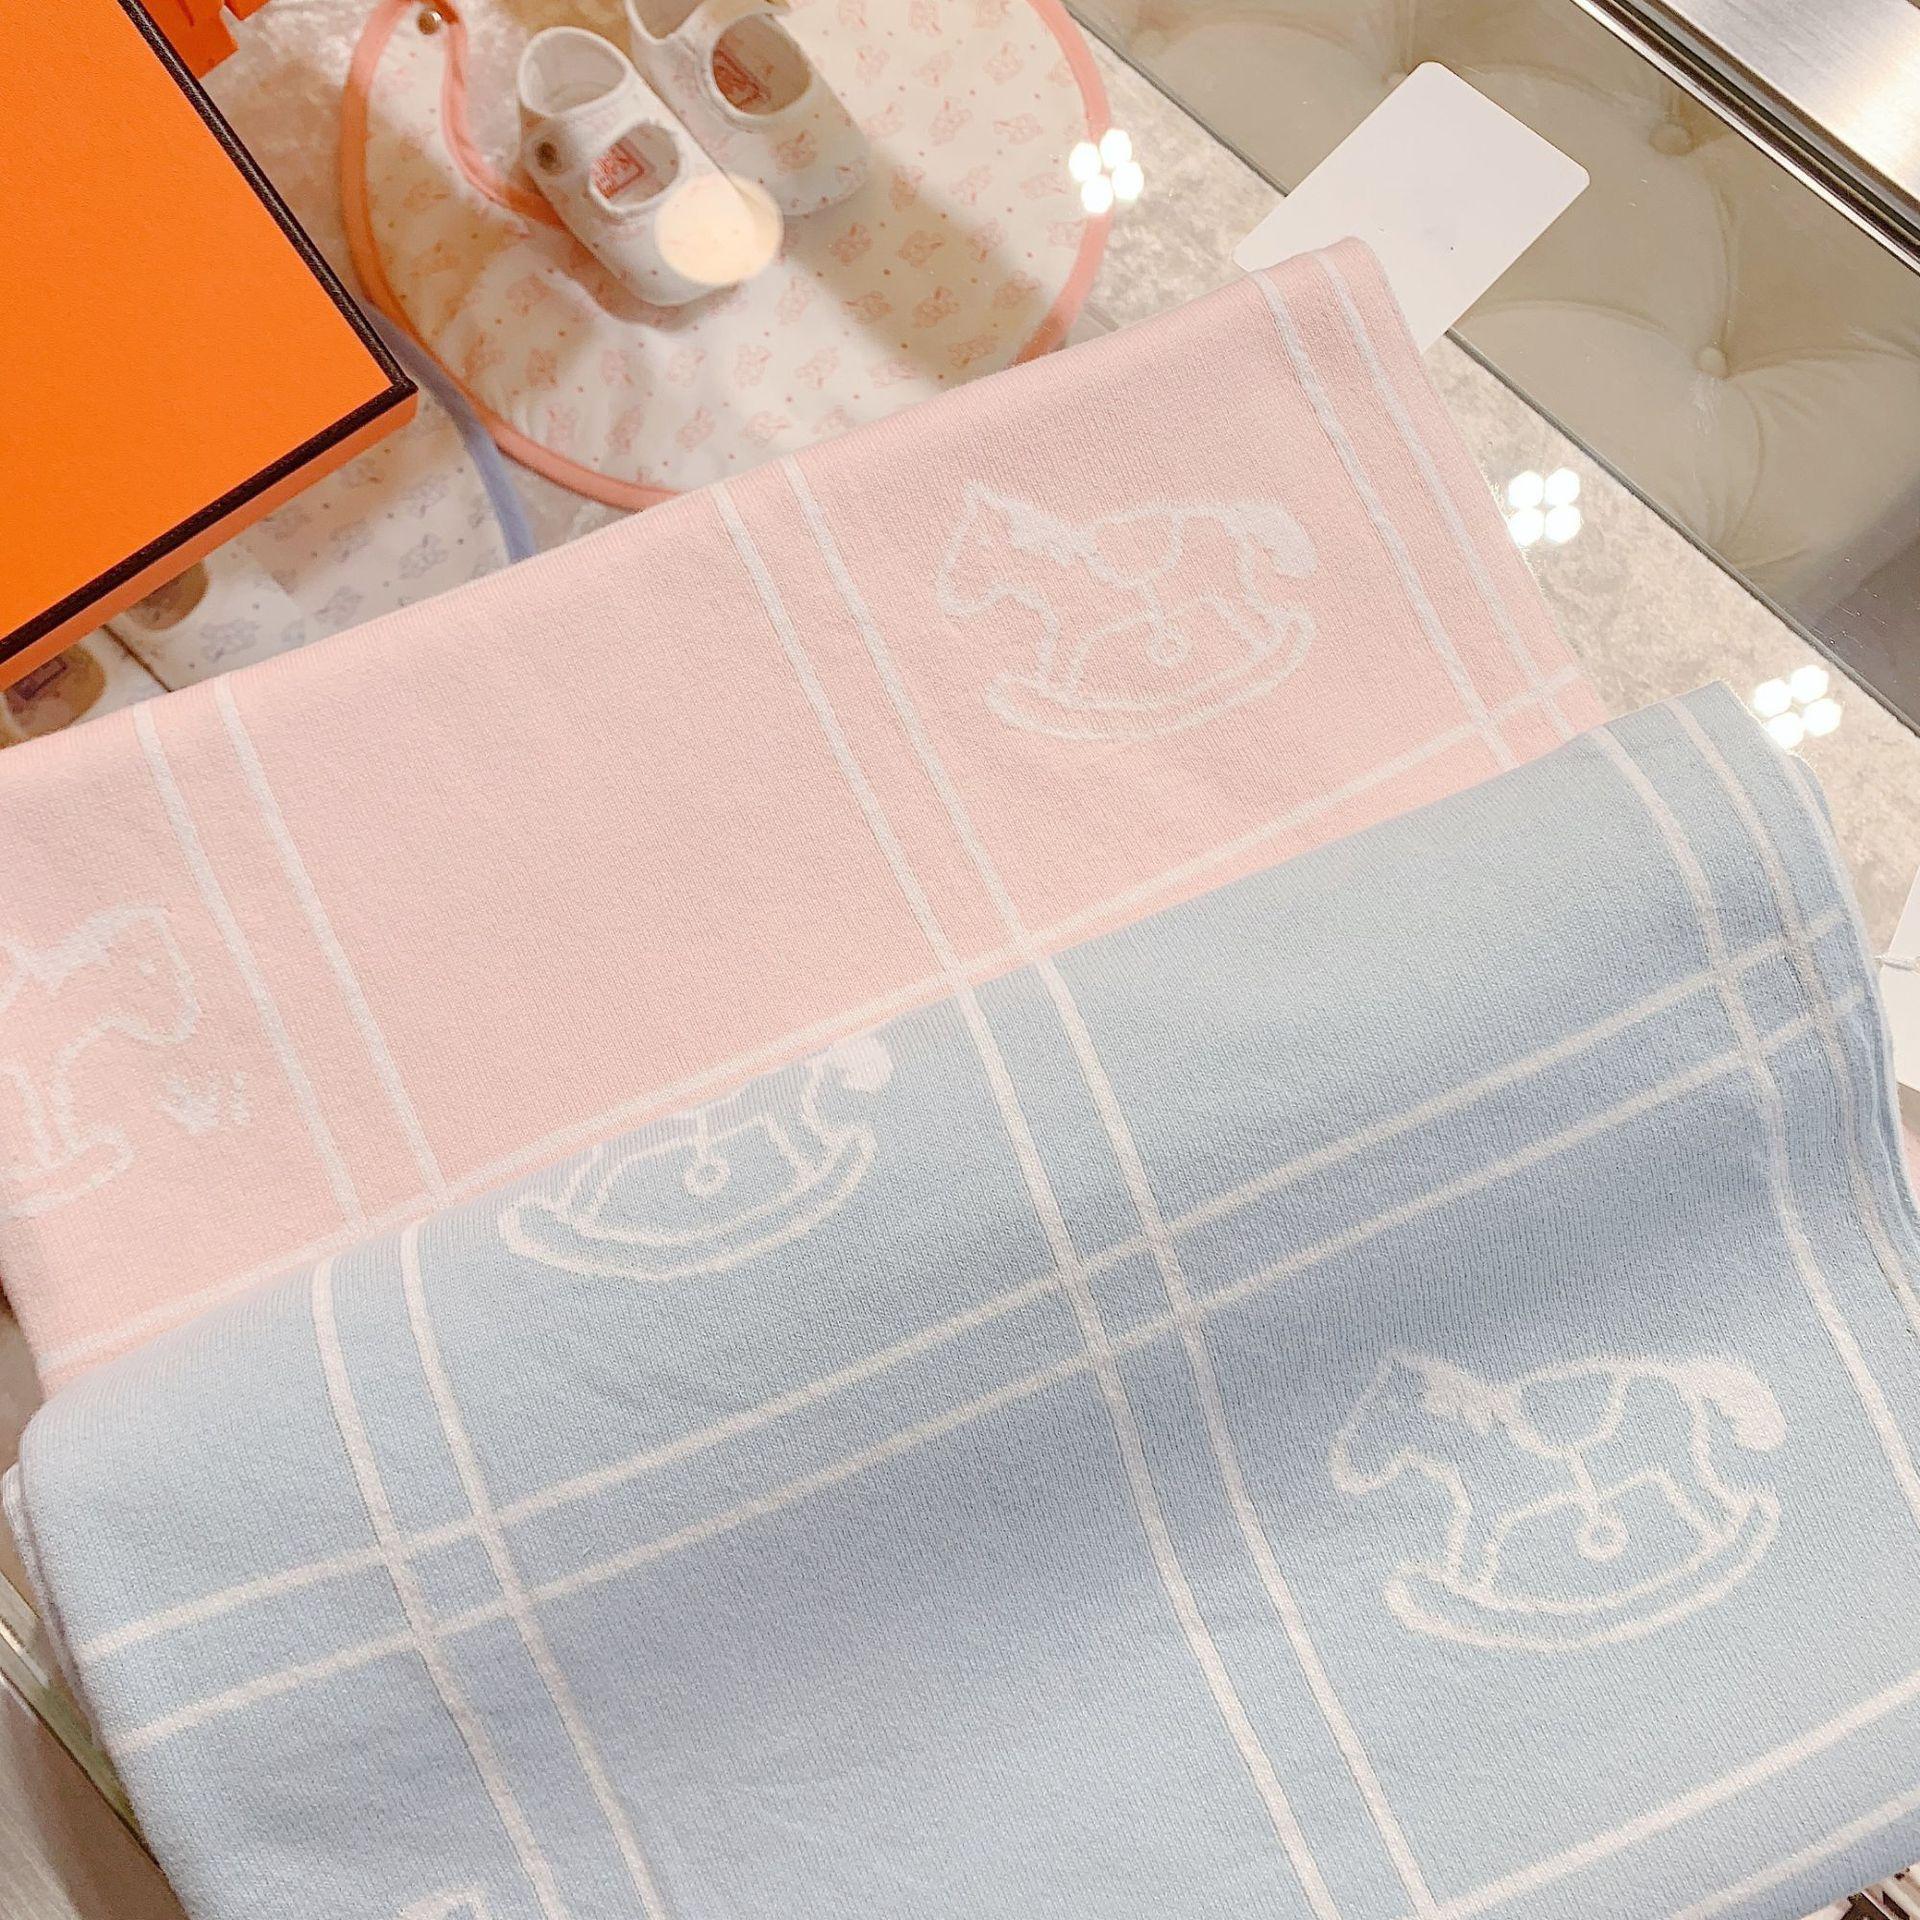 Высокое качество Новорожденного Одеяло 100% хлопок Baby пеленает Soft Ванна марлевых Infant Wrap Sleepsack коляска Обложка Play Mat Big пеленку с коробкой